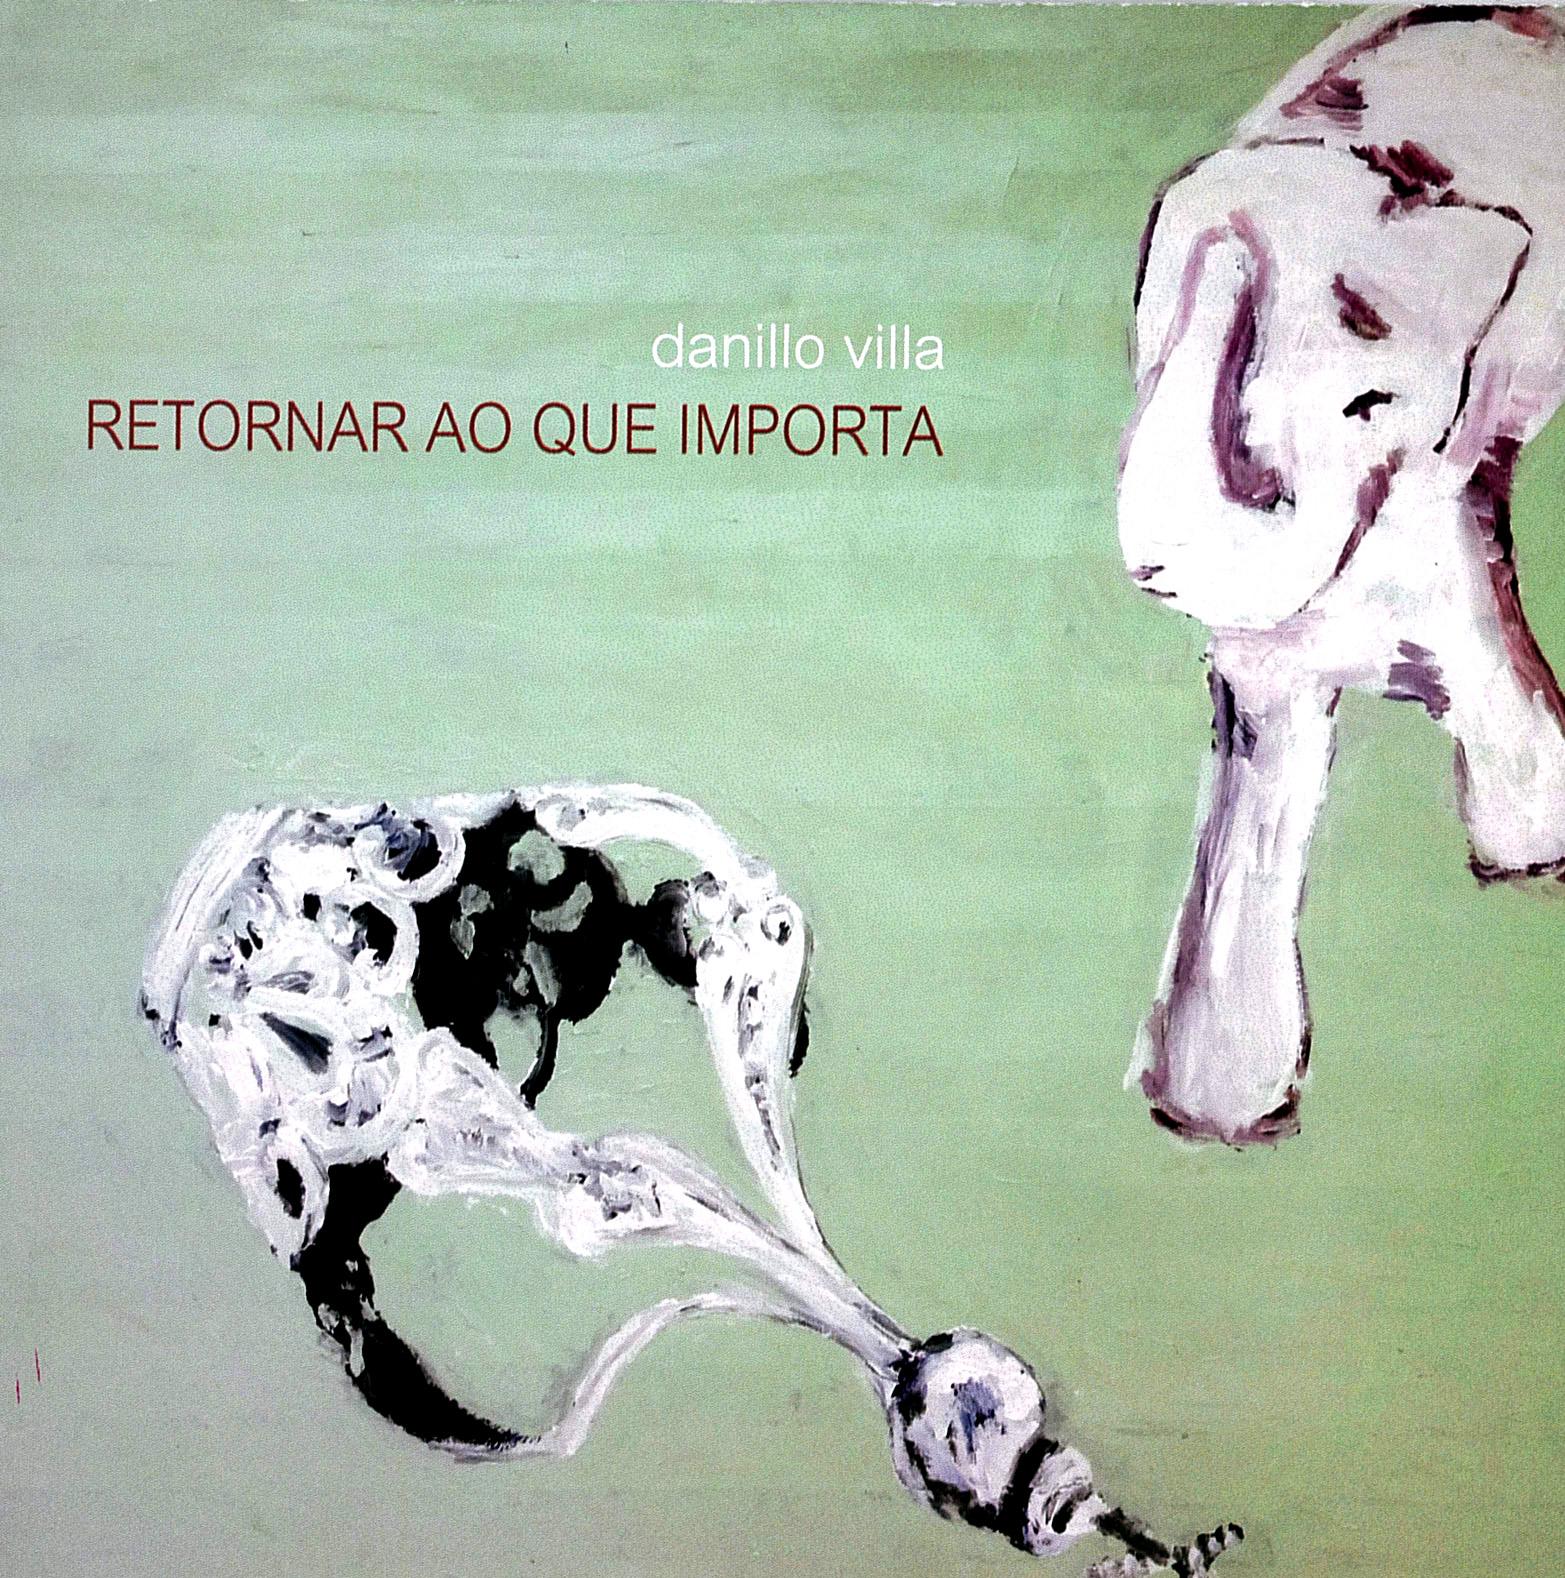 ARTES VISUAIS_RENAN